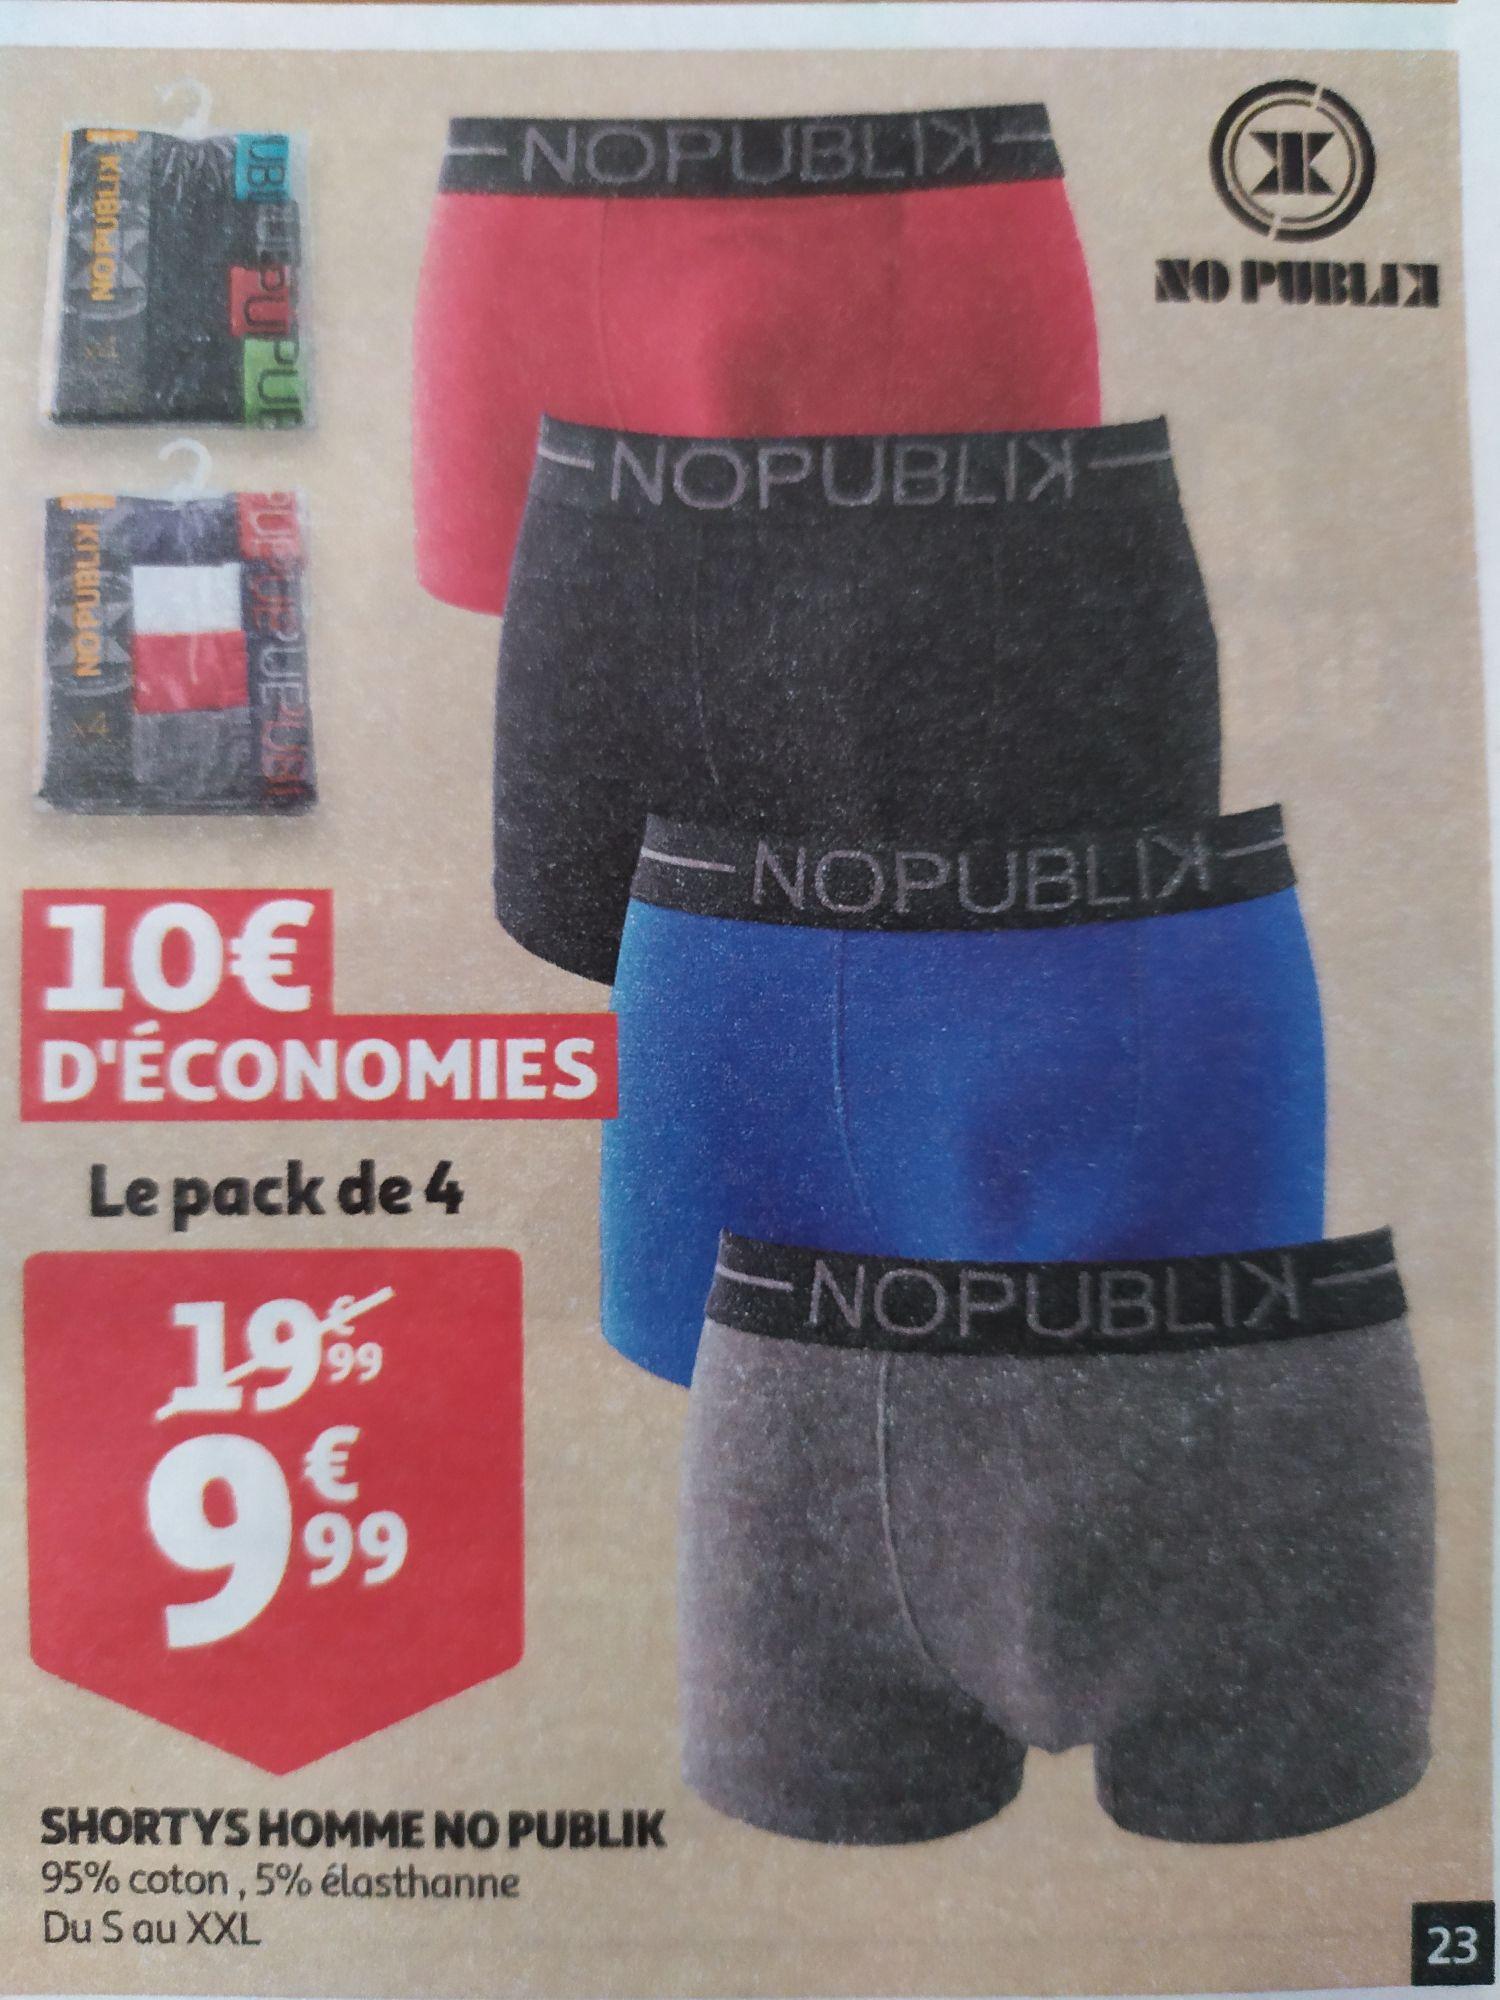 Lot de 4 boxers No Publik - différents coloris et tailles